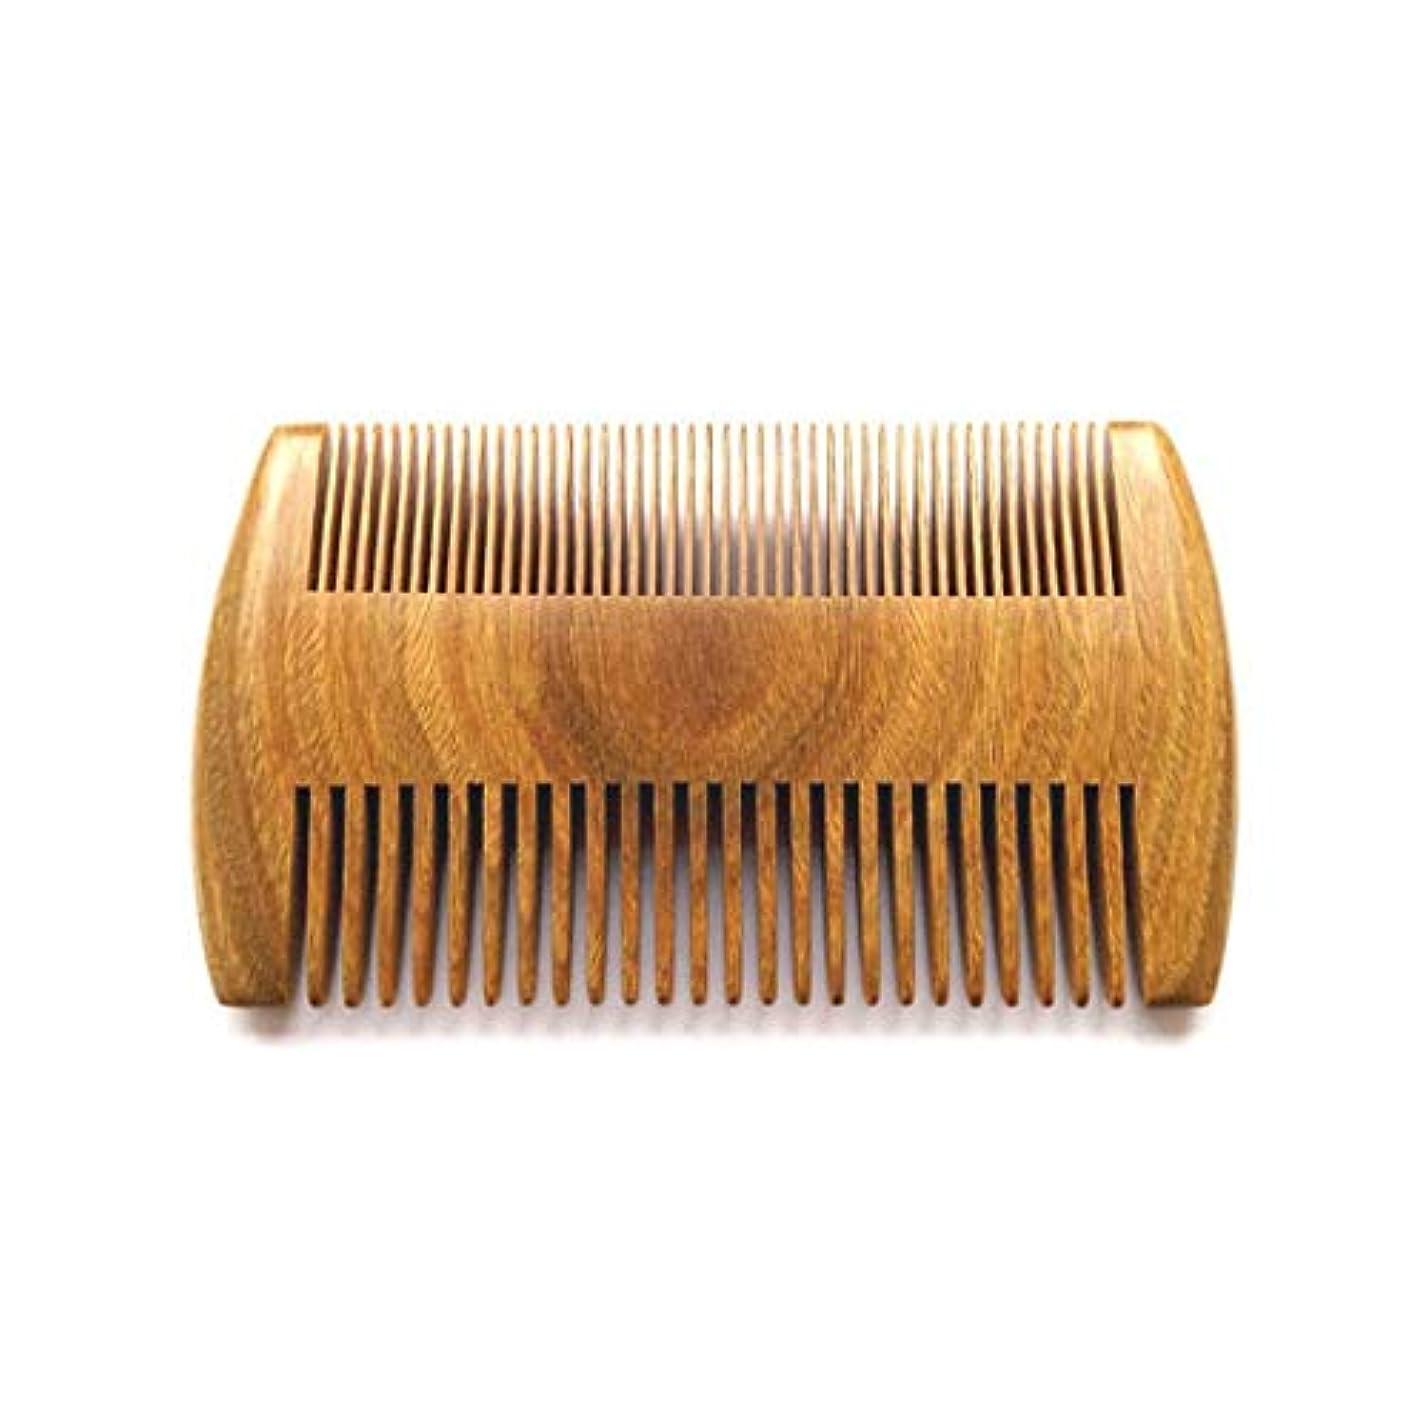 盟主消費博覧会Guomao 健康な頭皮および毛のために非常に適したハンドメイドの自然な白檀の櫛 (色 : Wood color)